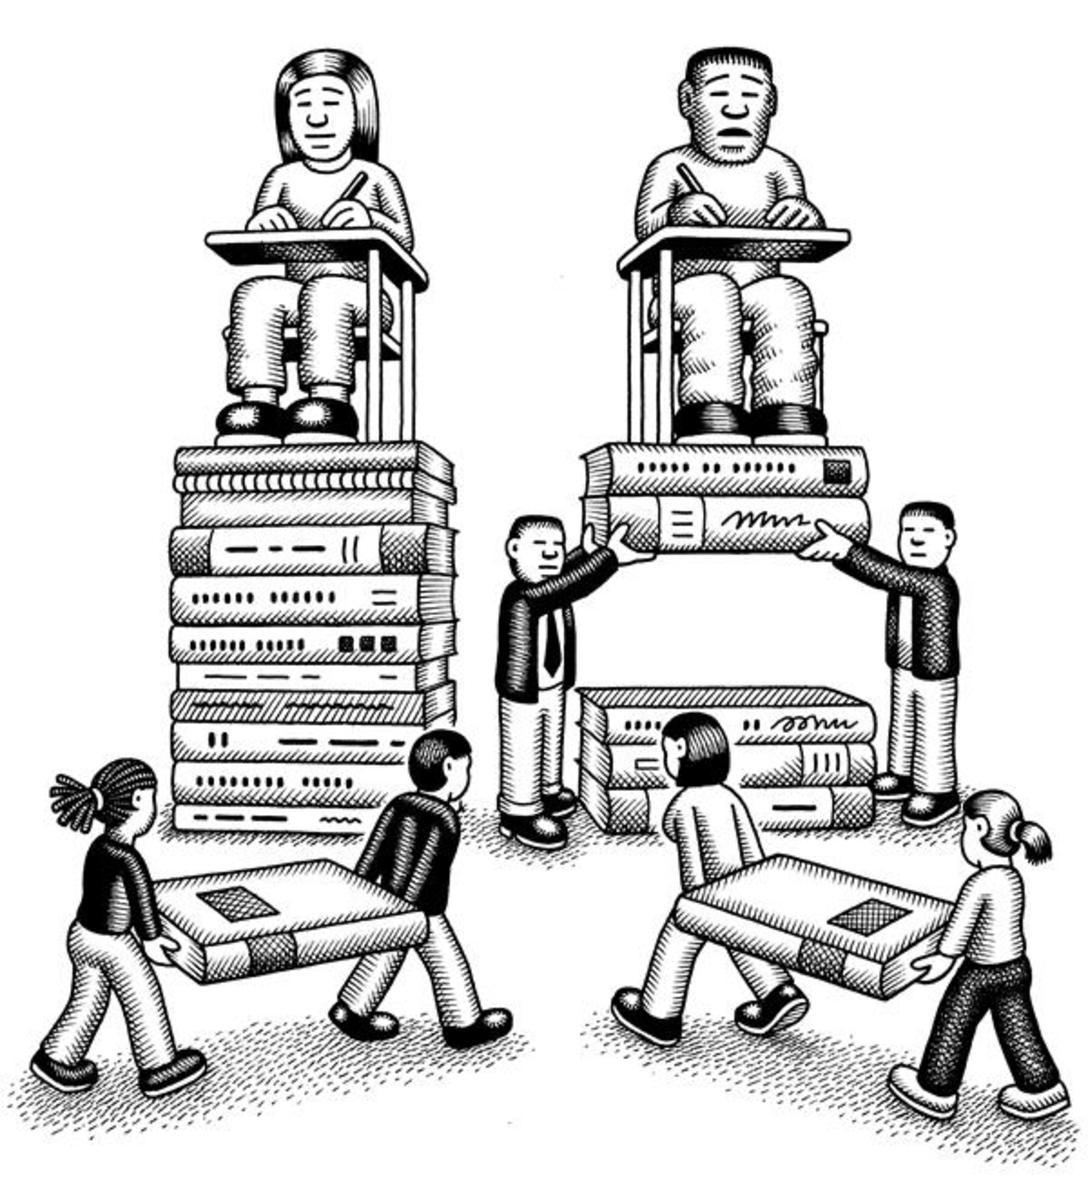 Closing Achievement Gaps as an Accountable Leader: The